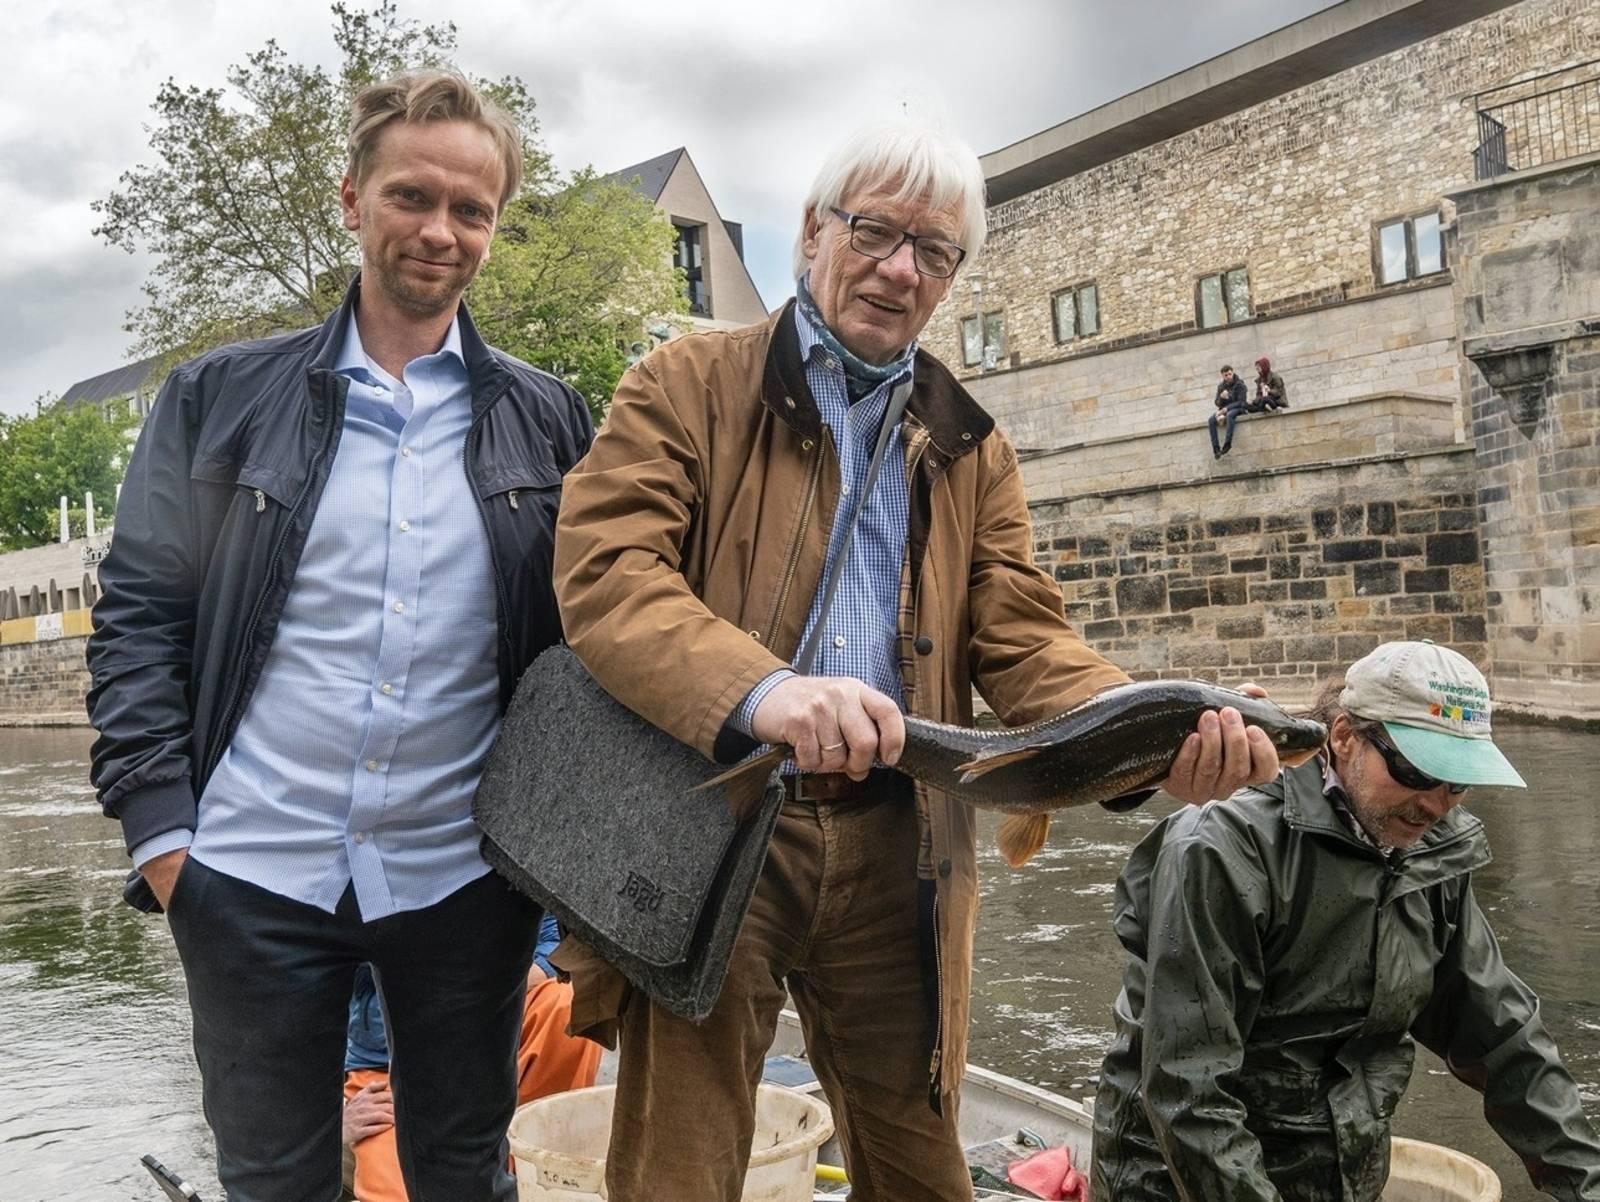 Zwei Männer an einem Fluß, einer hält einen Fisch in den Händen